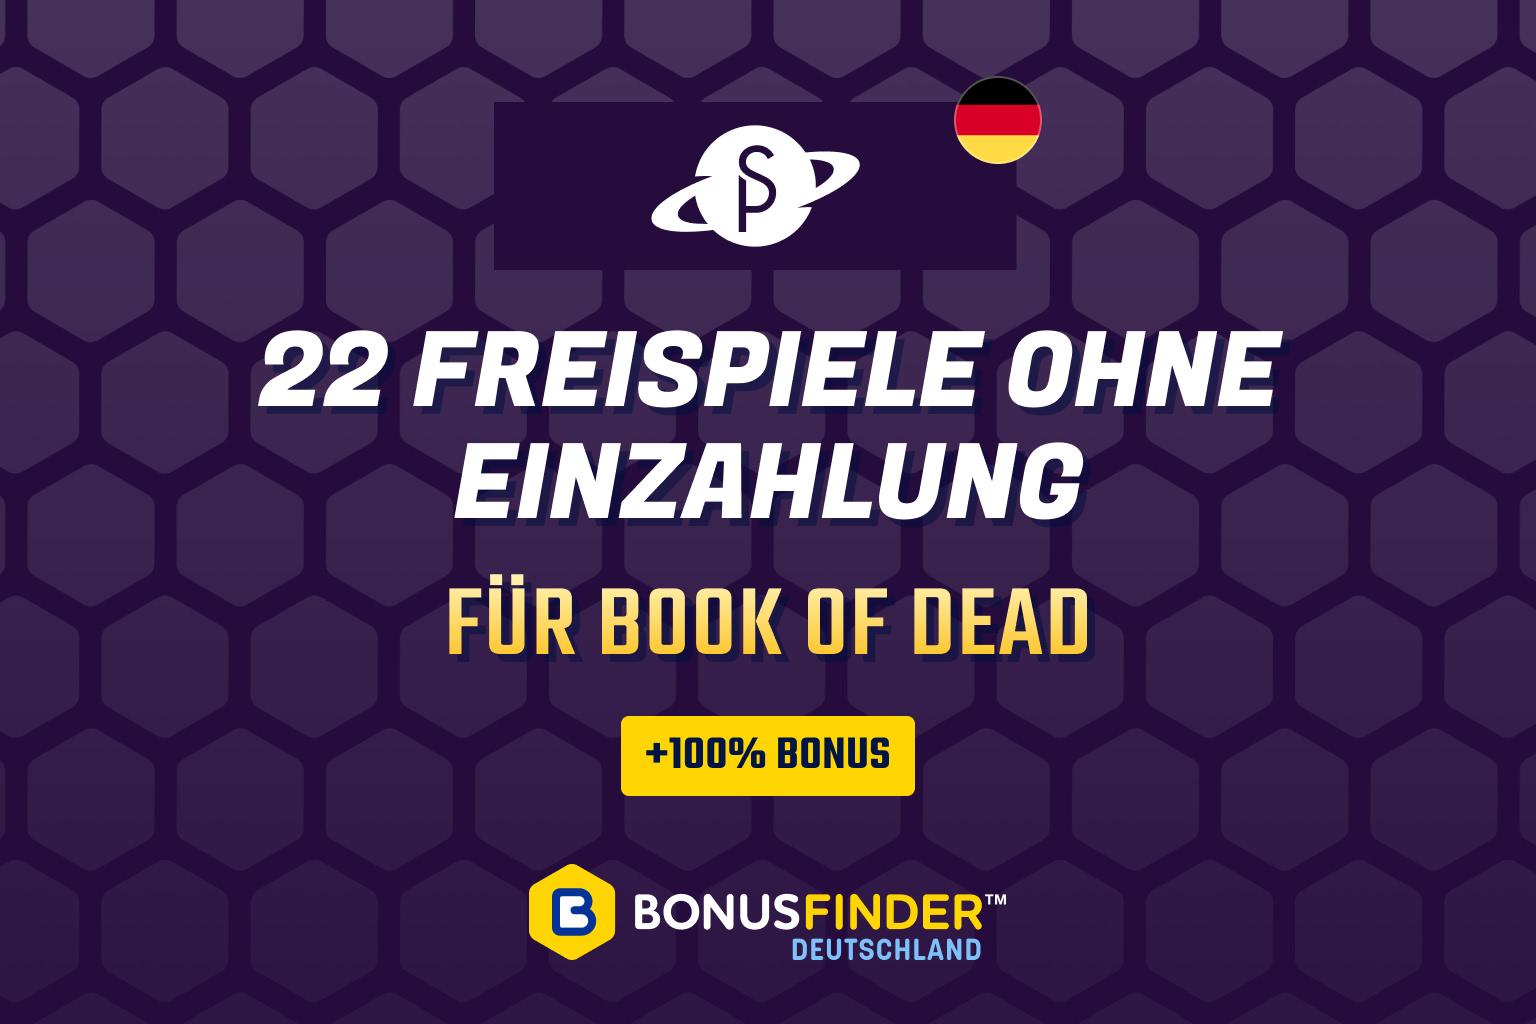 slot planet casino book of dead freispiele